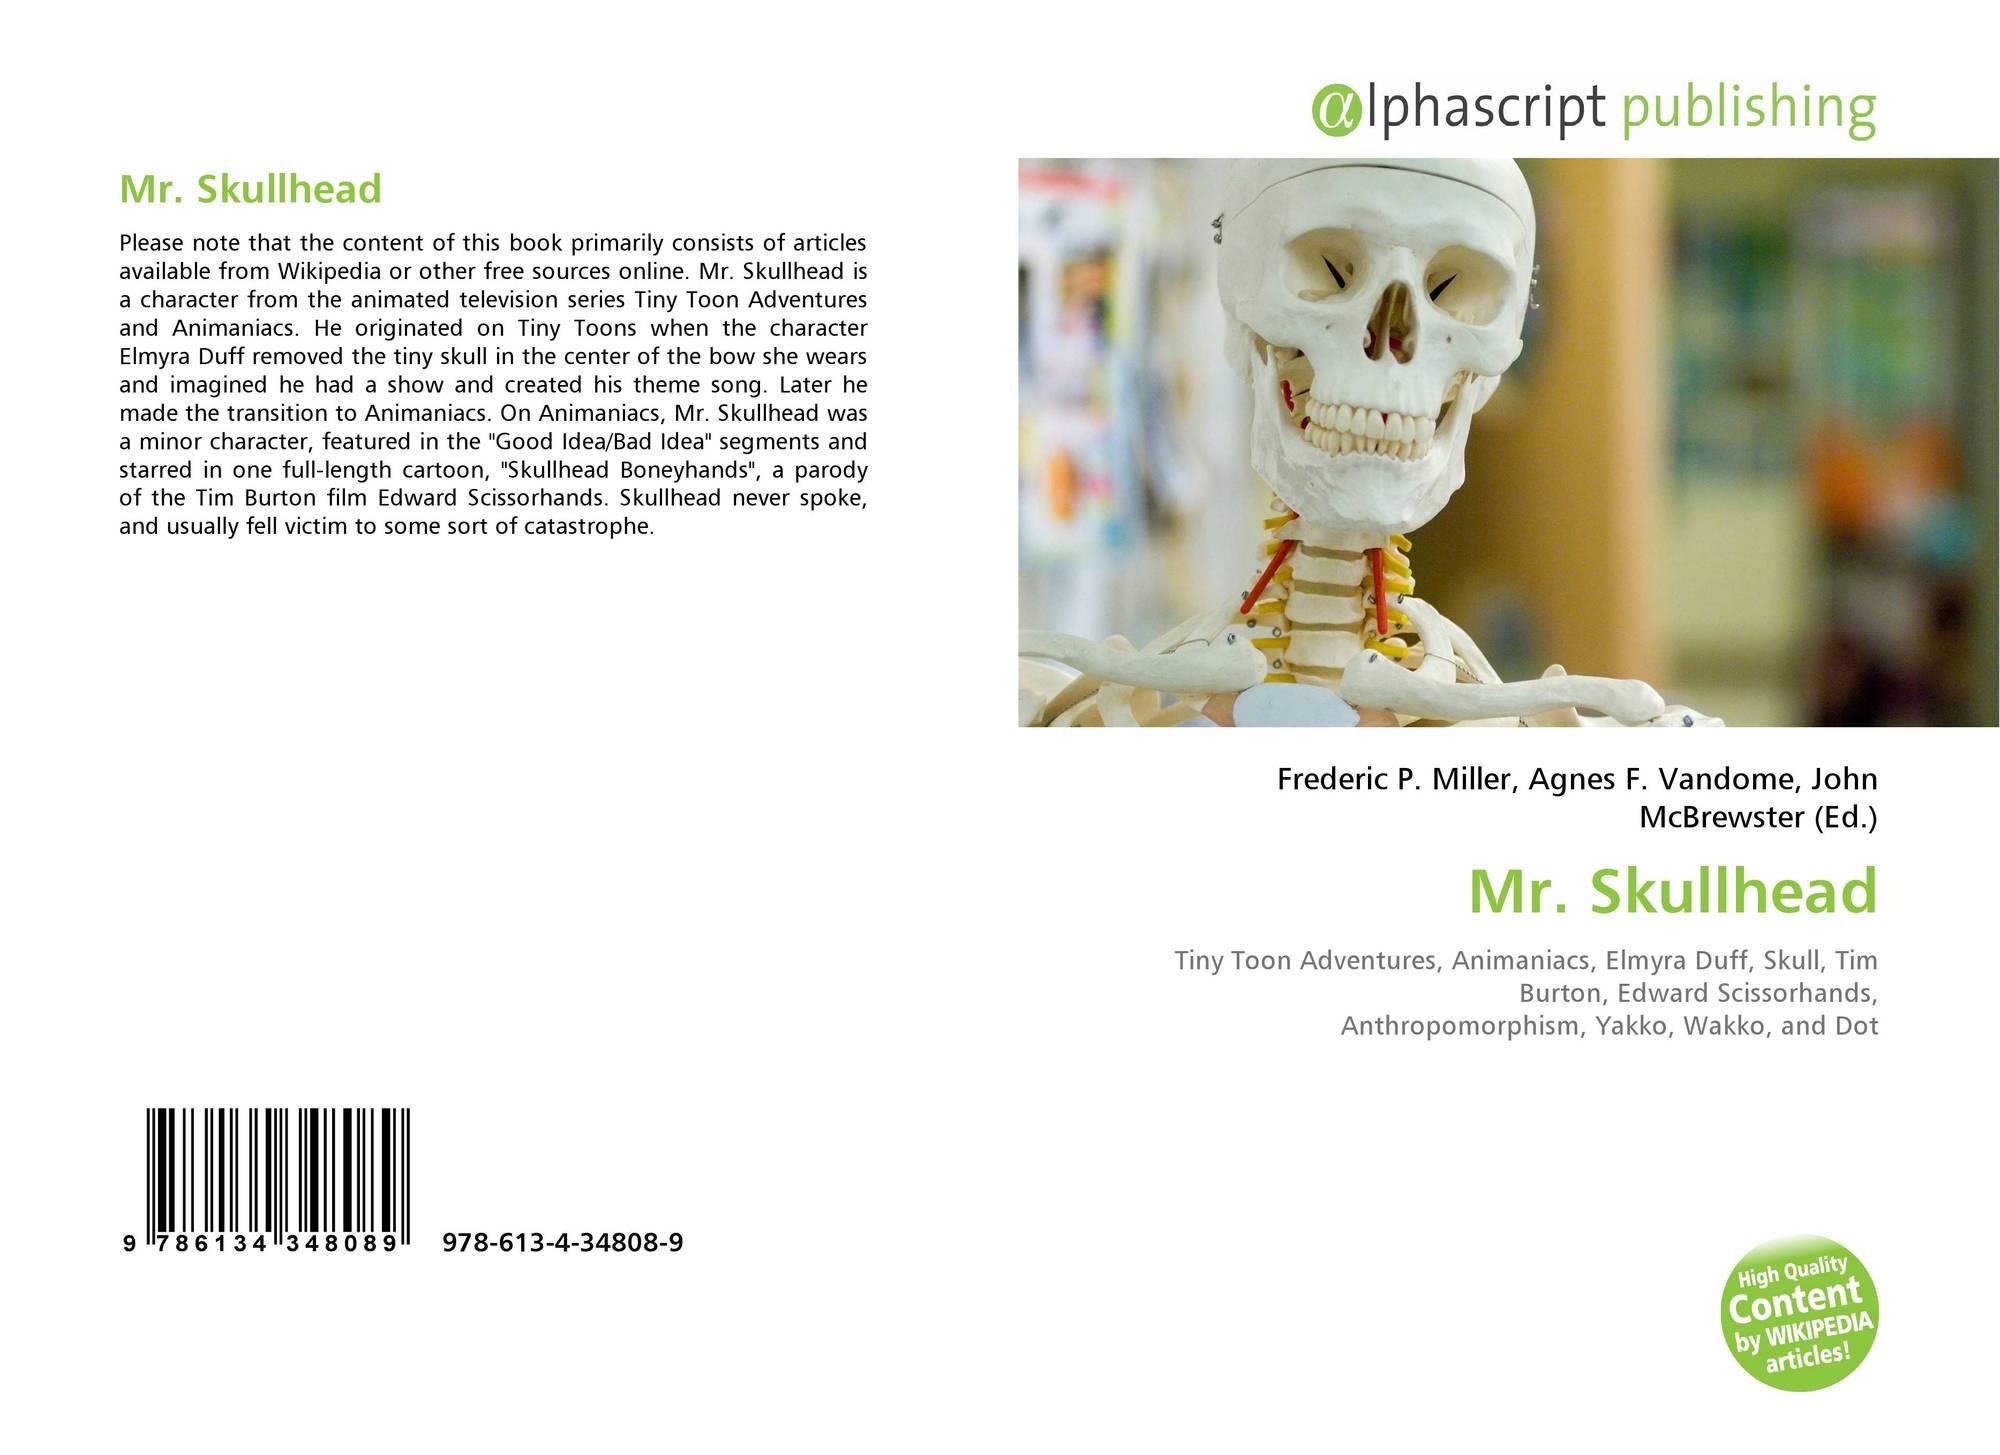 Animaniacs Elmyra Duff mr. skullhead, 978-613-4-34808-9, 6134348082 ,9786134348089